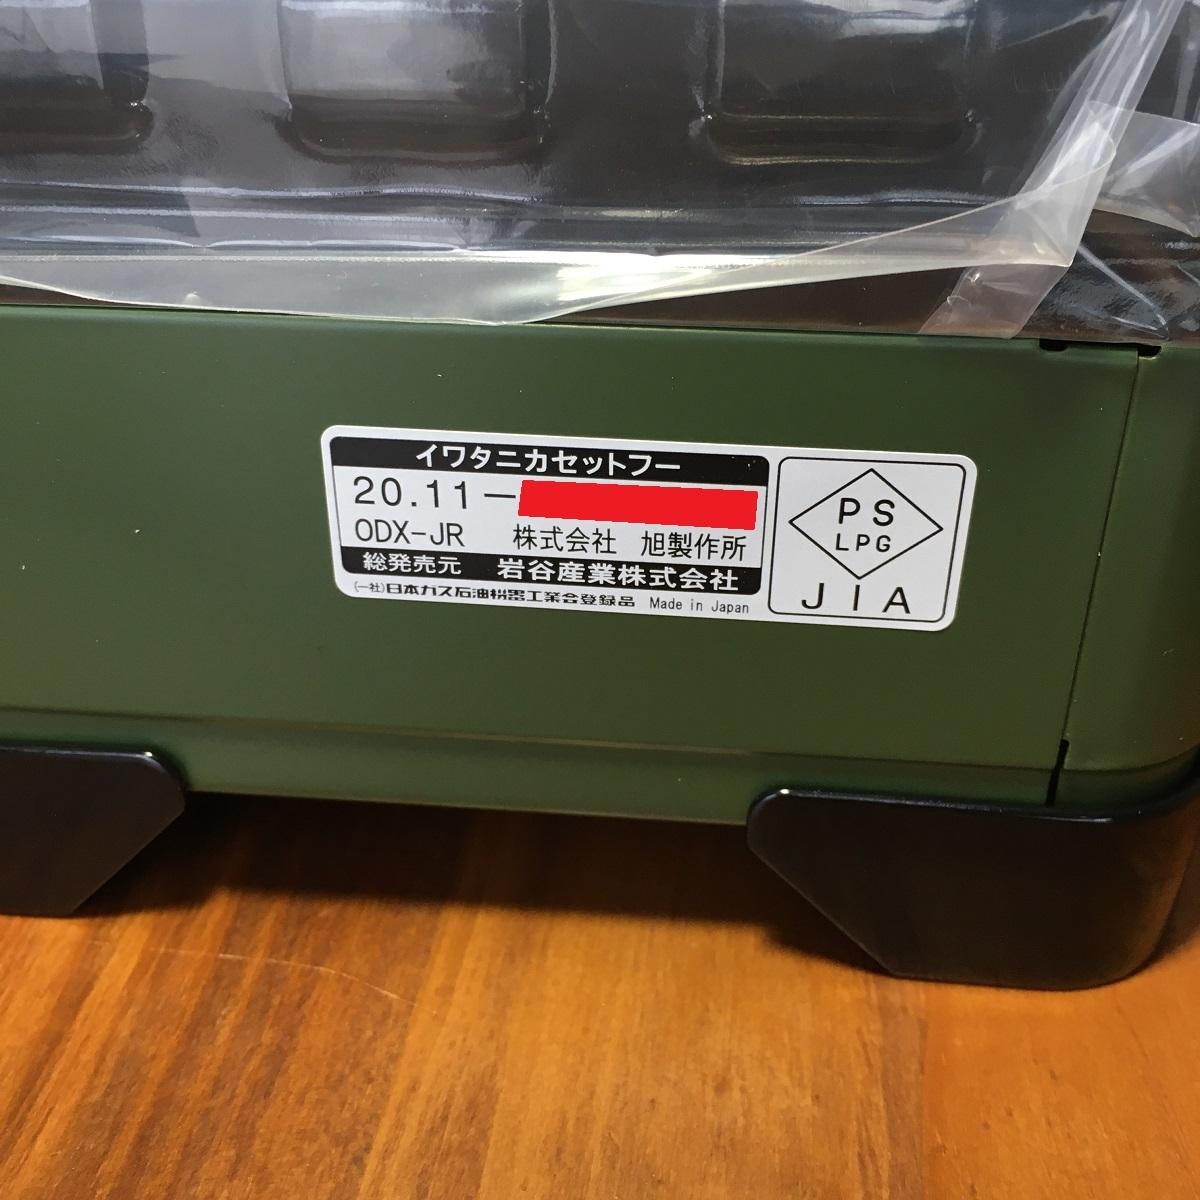 【送料無料/新品】Iwatani イワタニ カセットフー 『 タフまるジュニア 』CB-ODX-JR カセットコンロ専用キャリングケース付 タフまるJr.